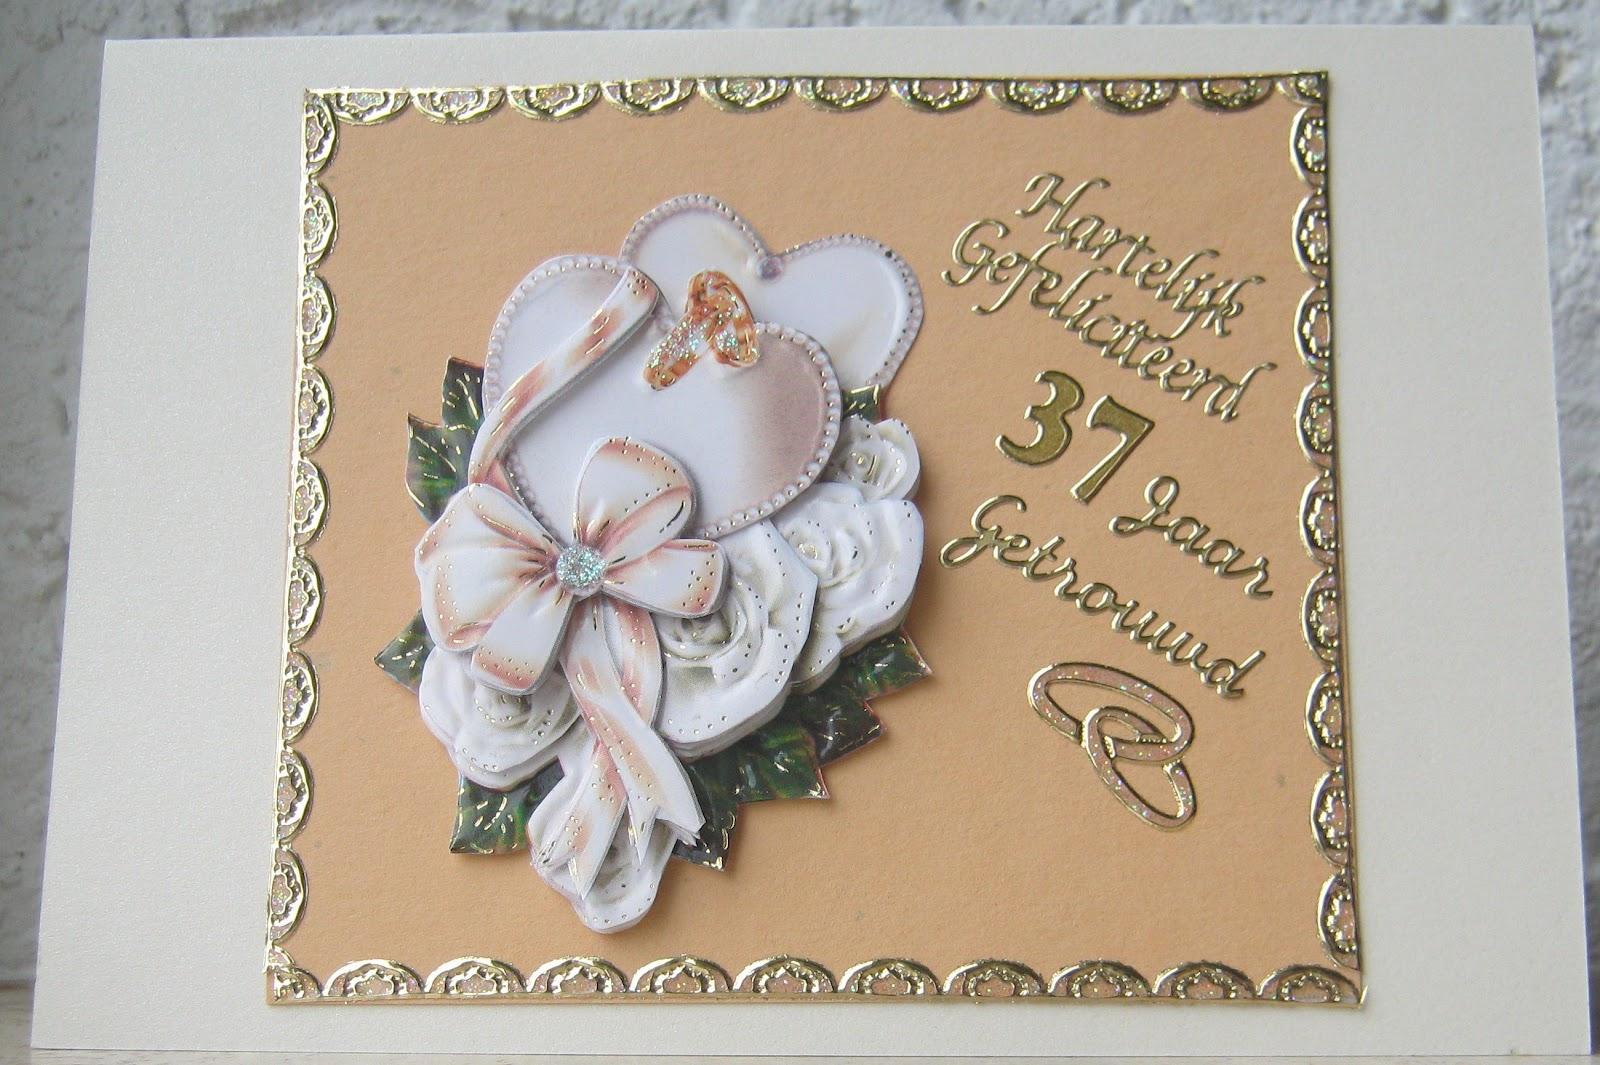 37 jaar getrouwd Hetty's Knutselhokkie!: 37 jaar getrouwd 37 jaar getrouwd